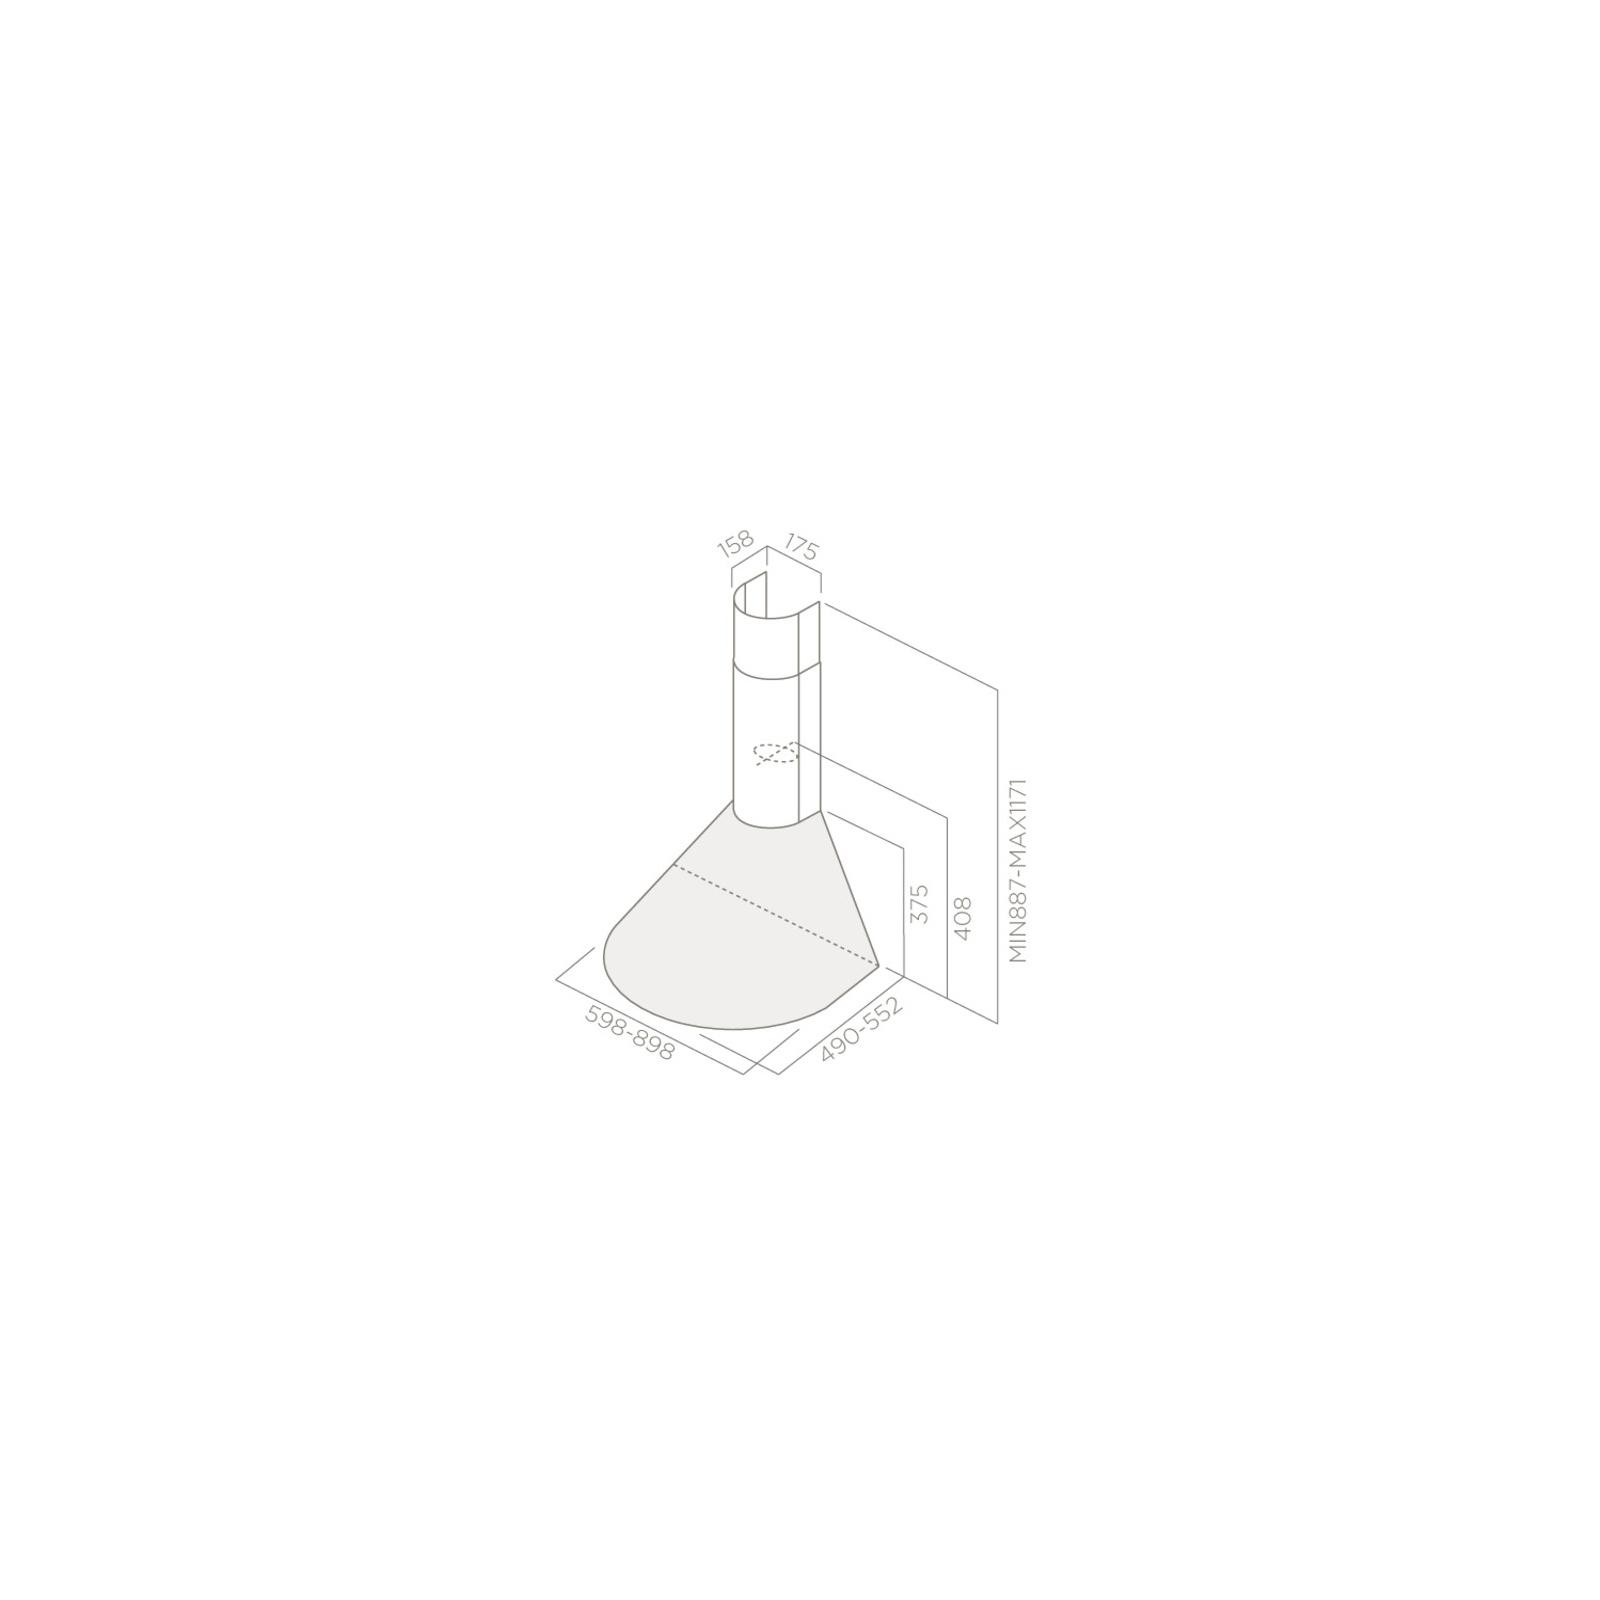 Вытяжка кухонная ELICA TONDA IX F/90 изображение 2